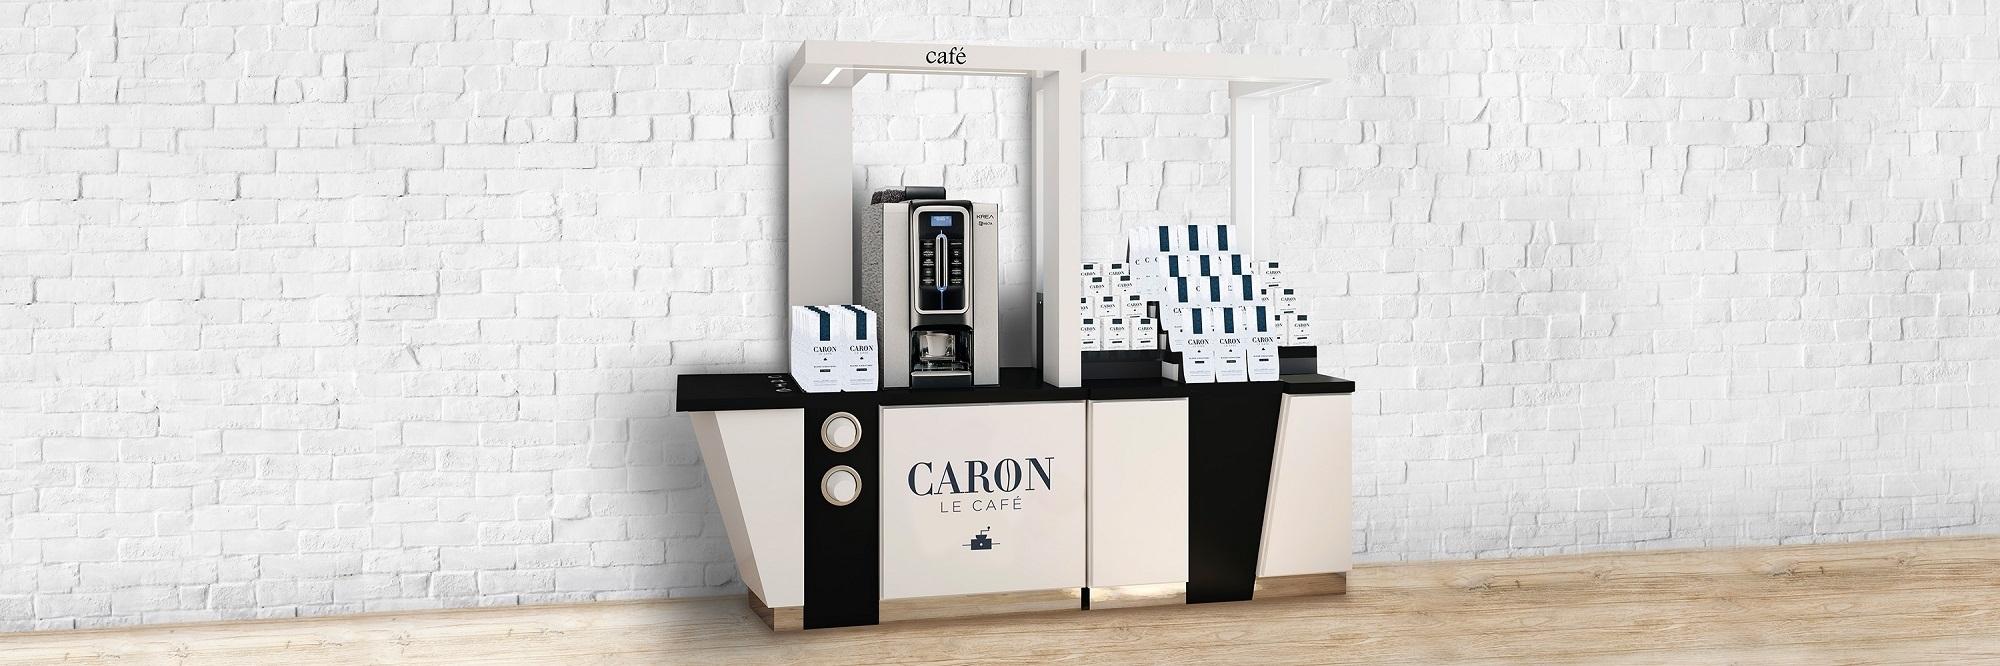 Image distributeur automatique de boissons chaudes